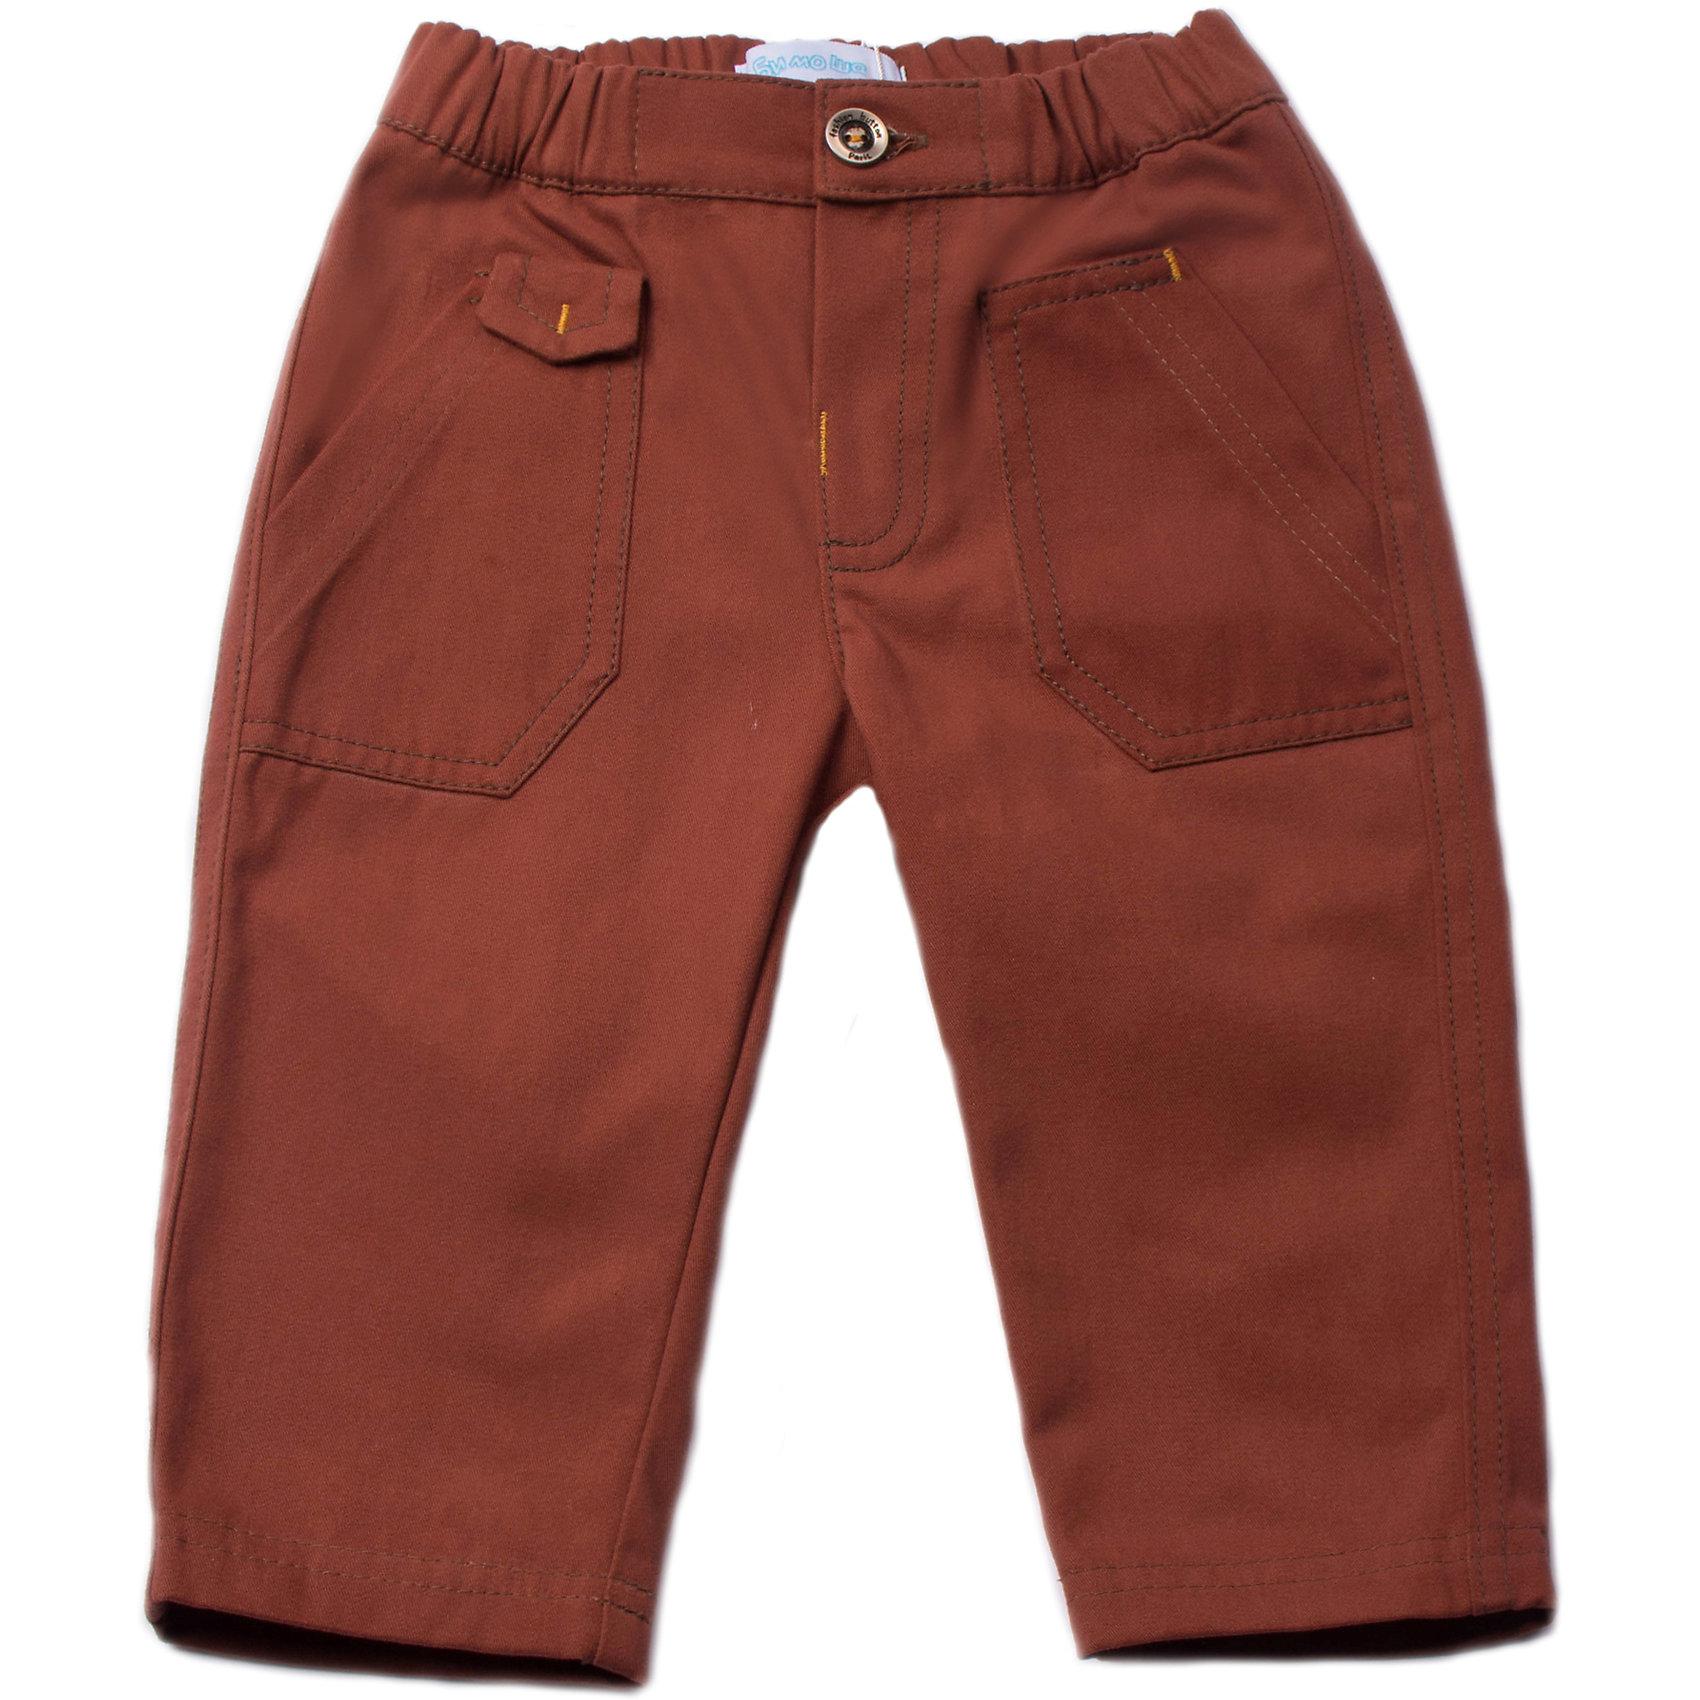 Брюки для мальчика БимошаБрюки<br>Брюки для мальчика от марки Бимоша.<br>Однотонные  брюки на резинке дополнены двумя  карманами спереди, застежка молния+пуговица<br>Состав:<br>твил 100%хлопок<br><br>Ширина мм: 215<br>Глубина мм: 88<br>Высота мм: 191<br>Вес г: 336<br>Цвет: коричневый<br>Возраст от месяцев: 6<br>Возраст до месяцев: 9<br>Пол: Мужской<br>Возраст: Детский<br>Размер: 74,80,92,86<br>SKU: 4578577